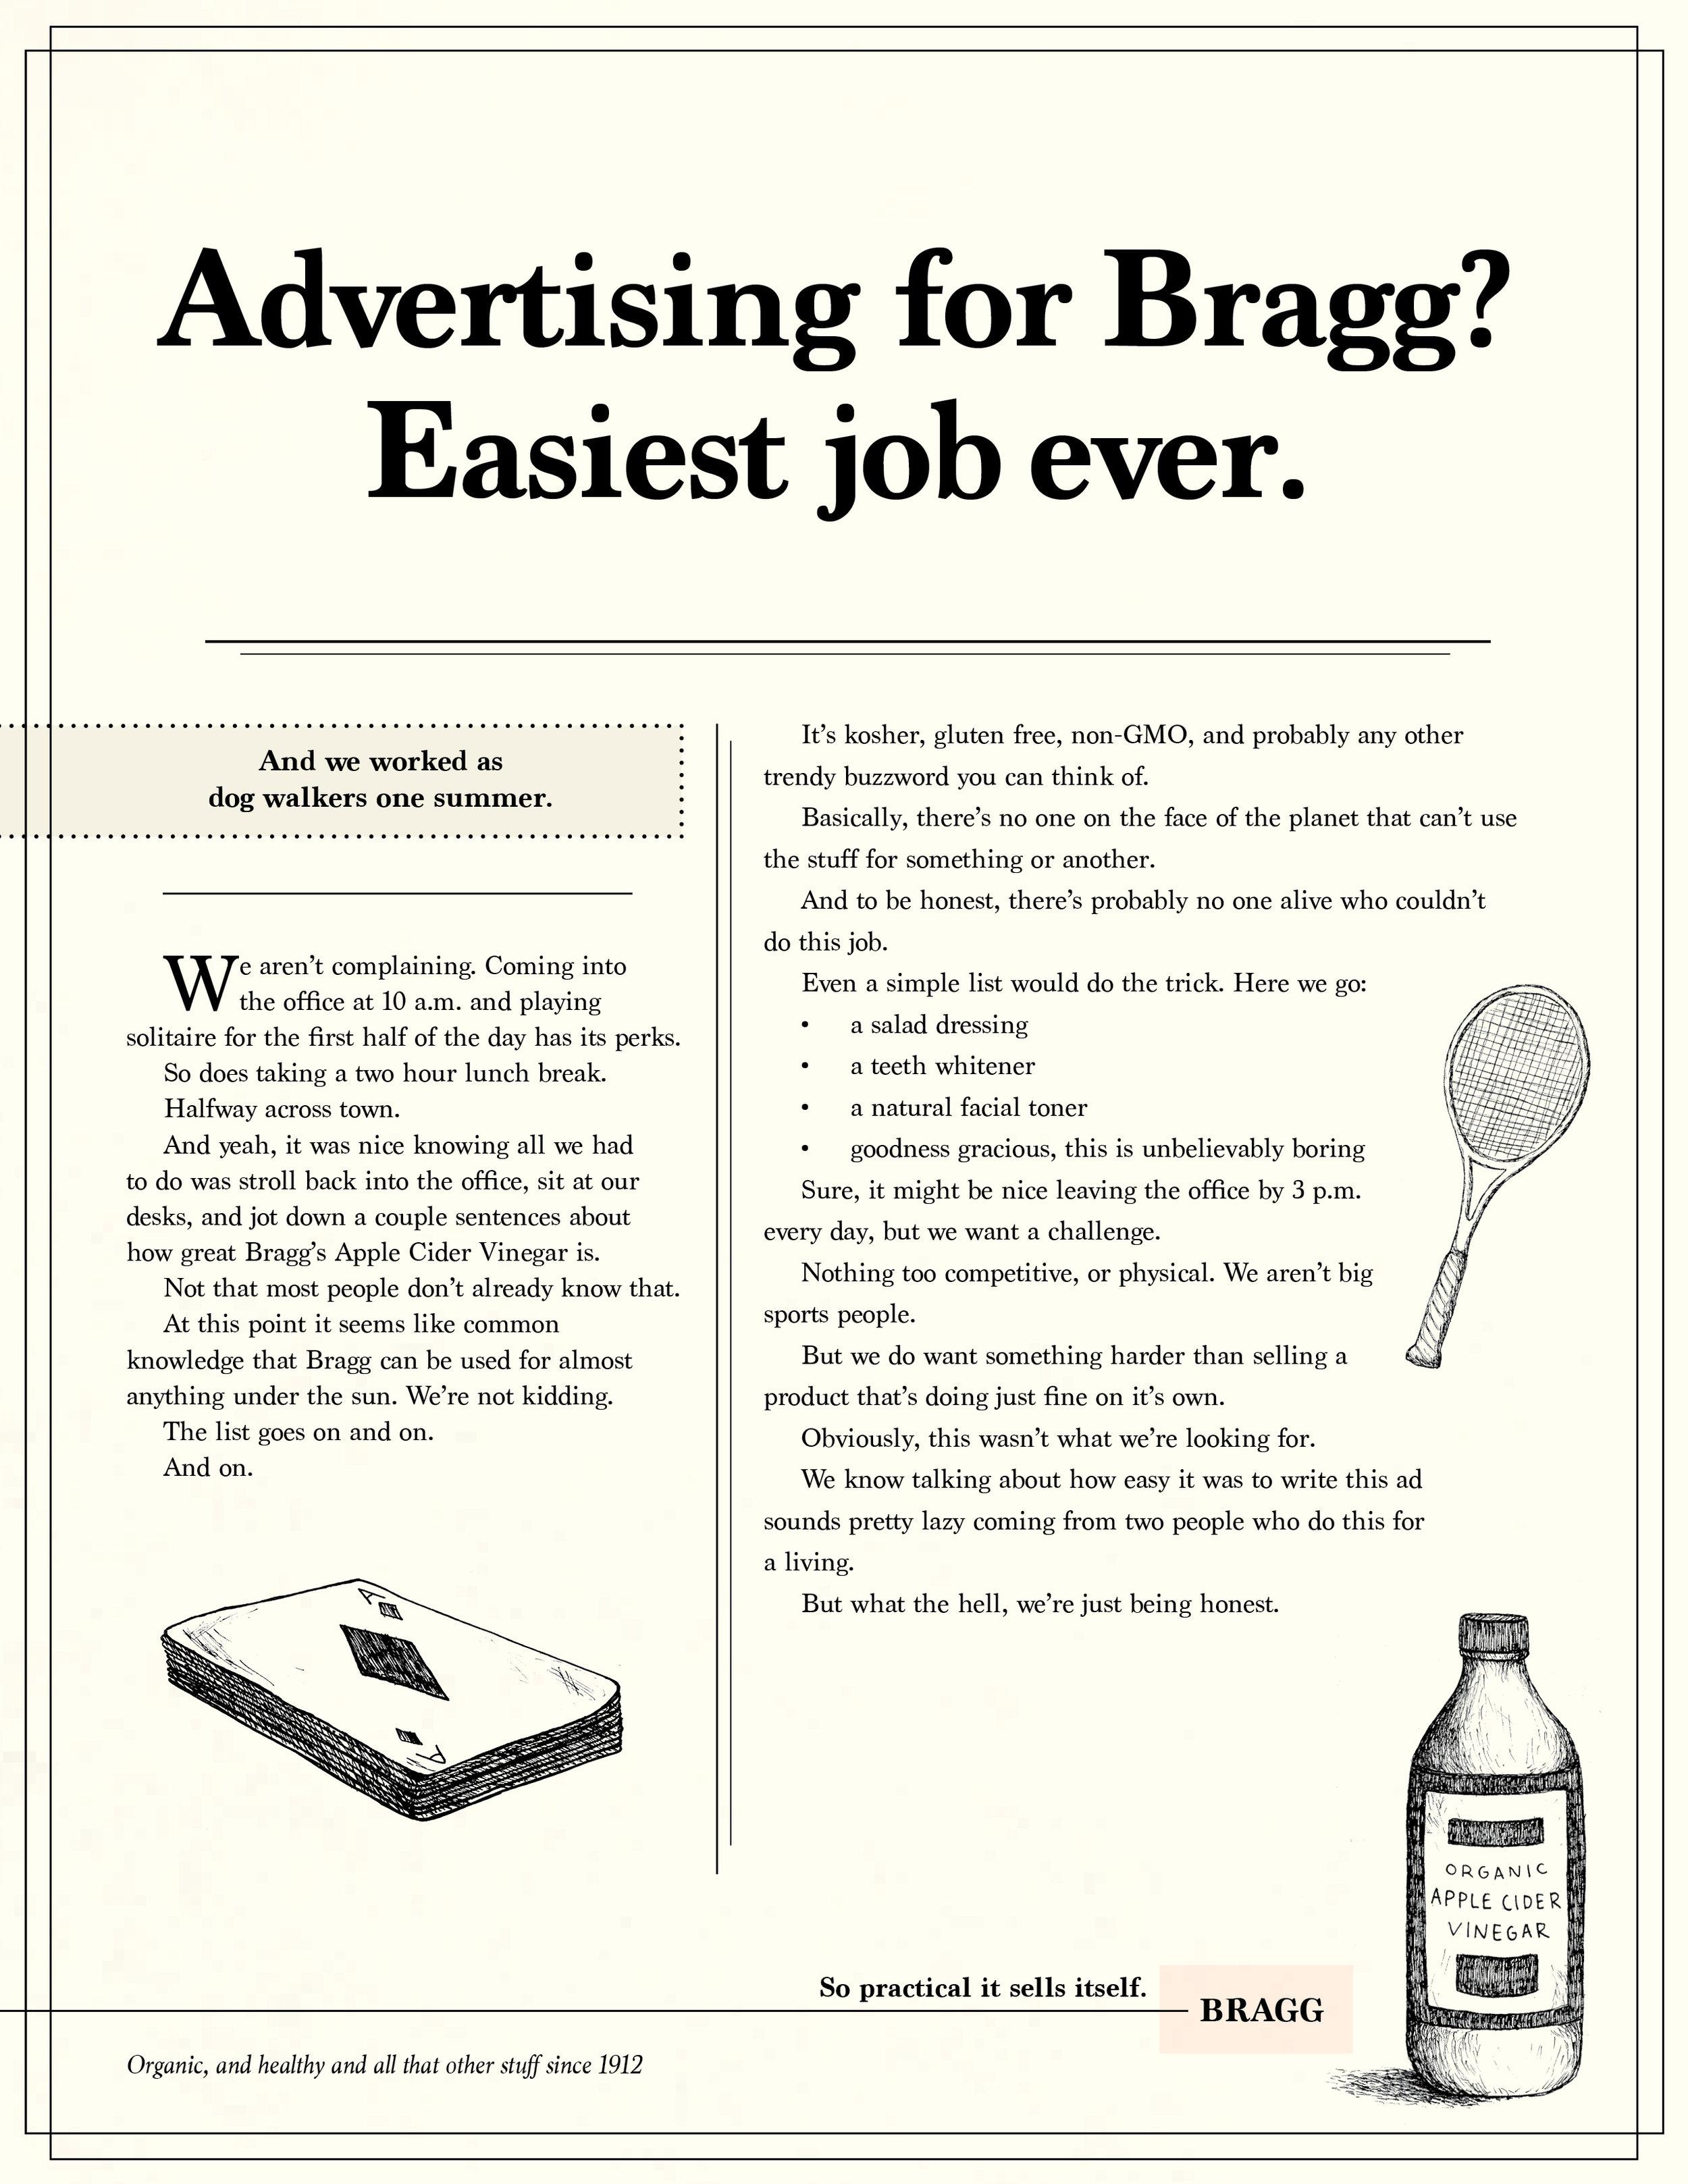 Bragg's Long Copy Ads3.jpg